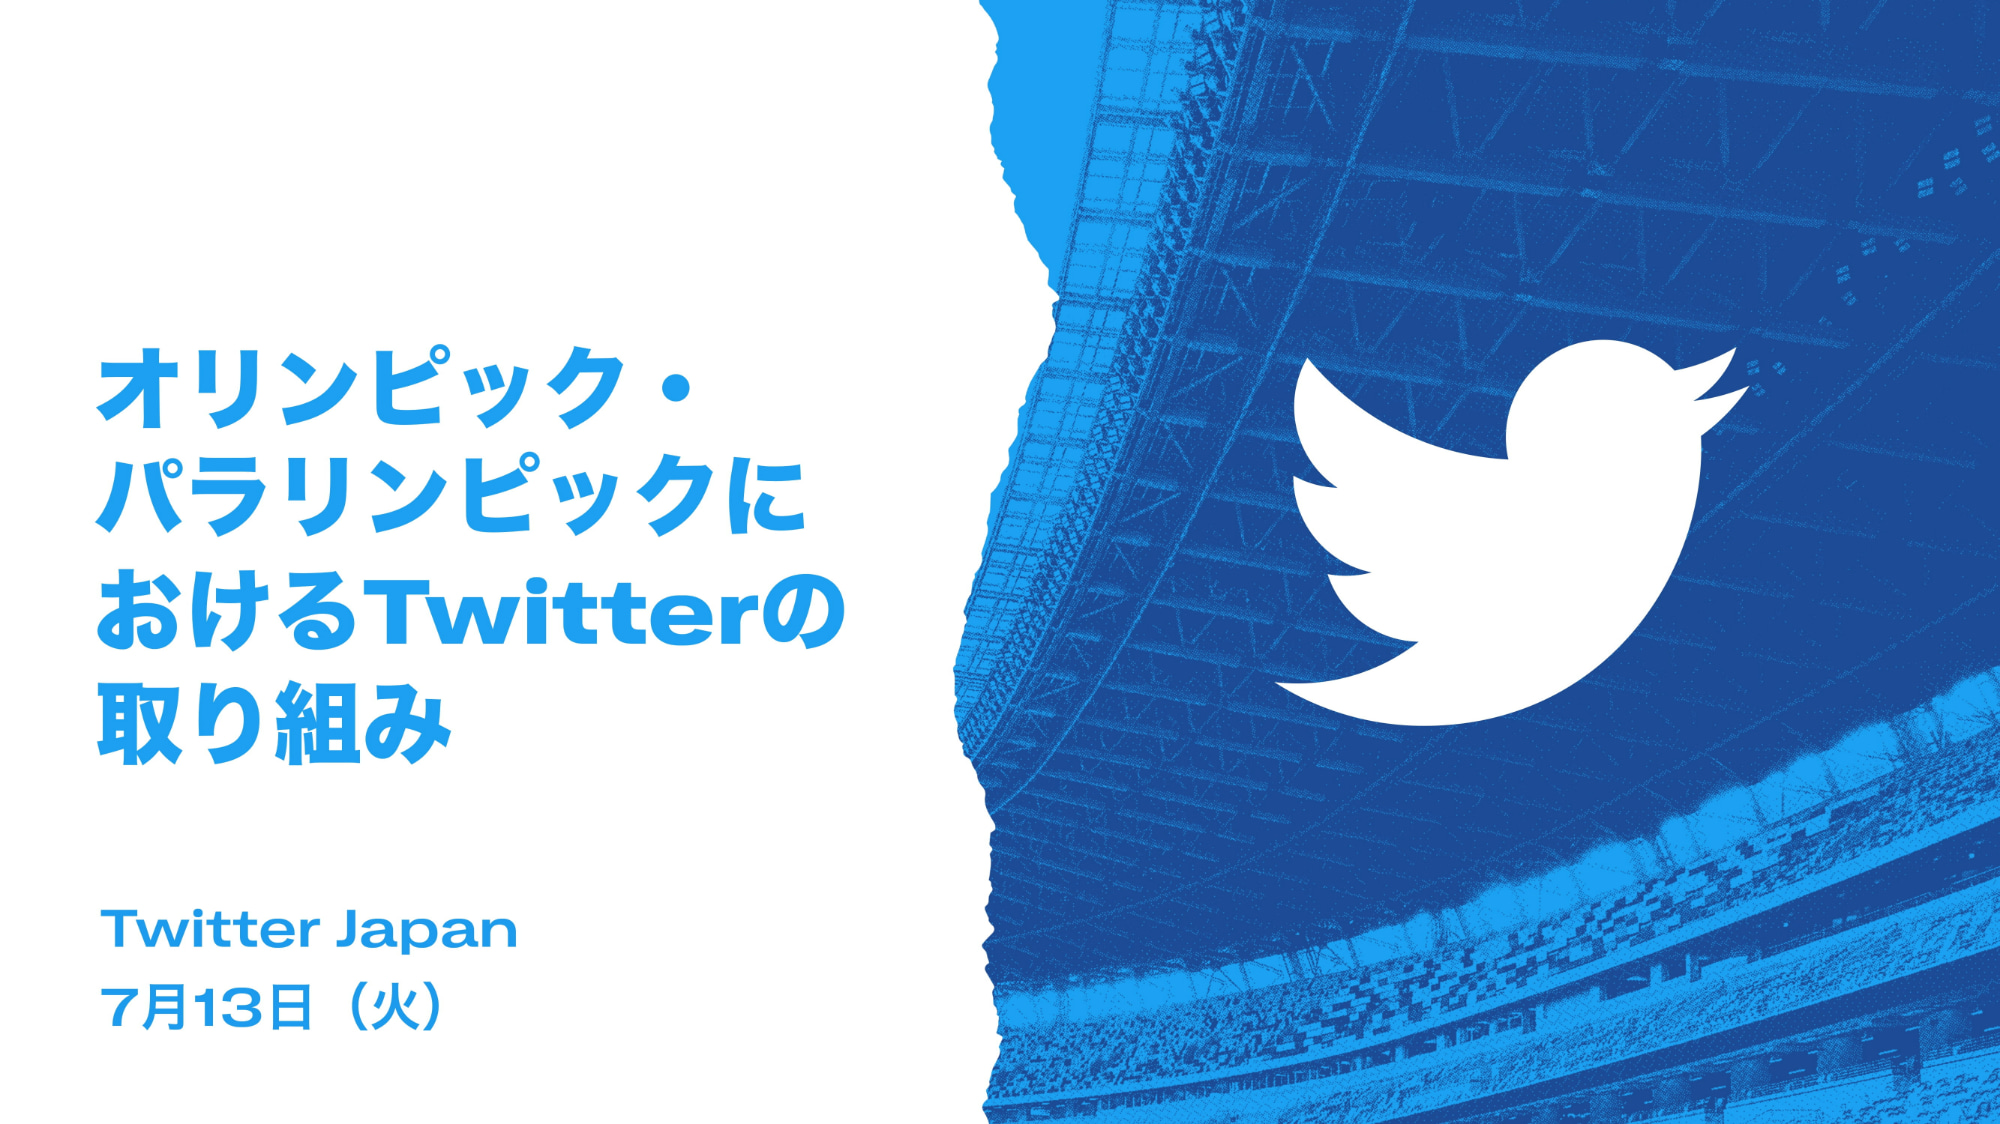 Twitter、東京五輪のデマ対策は「2020年の米大統領選に近い形」か